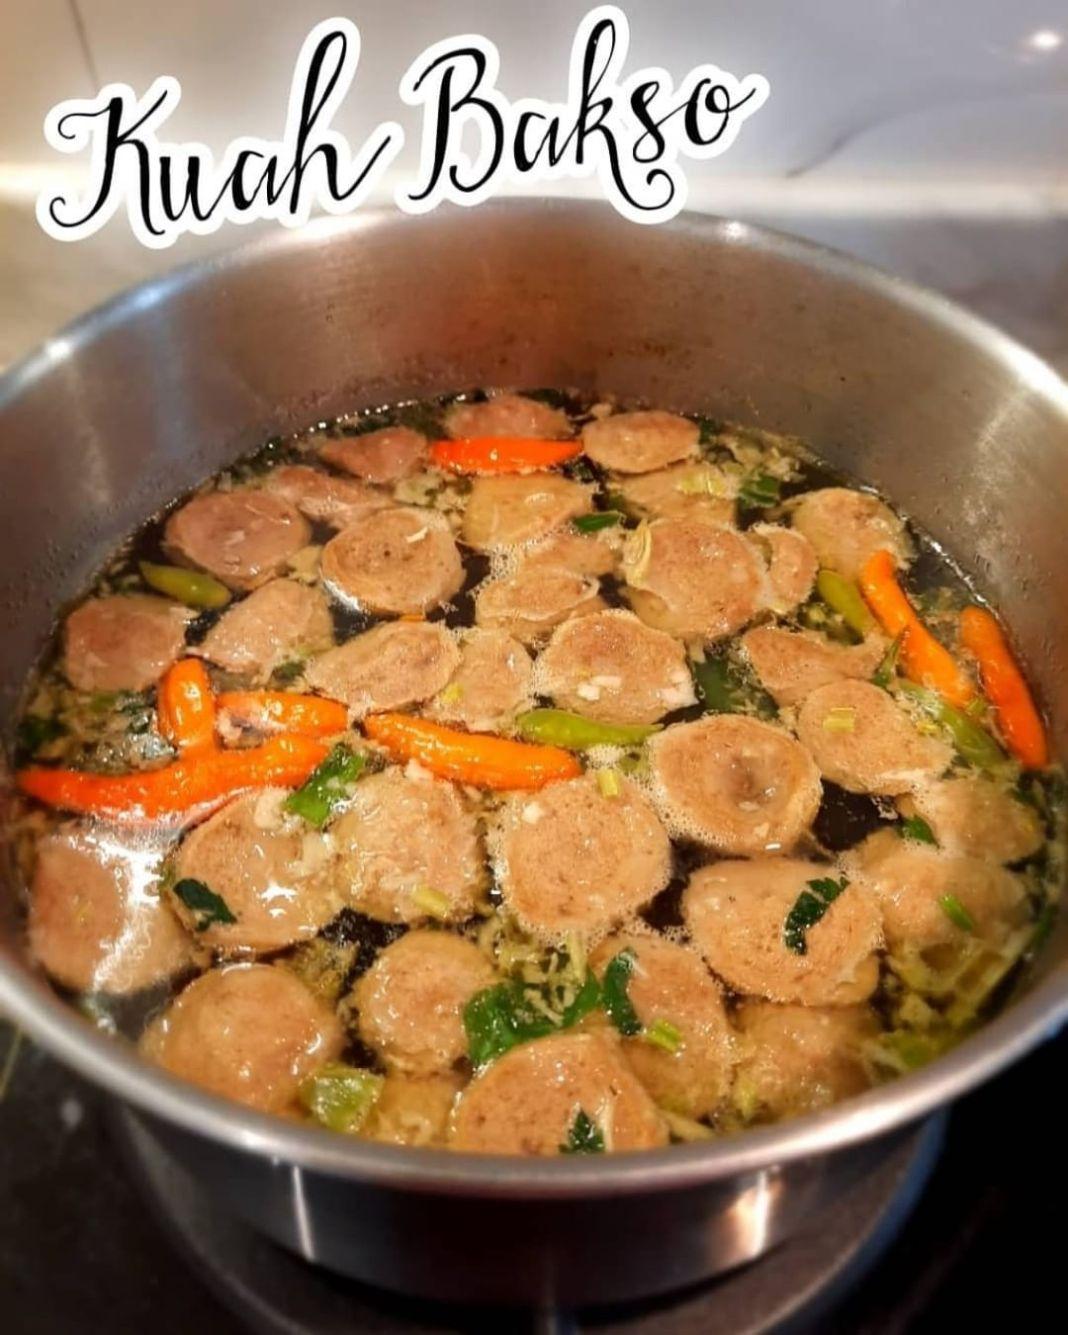 Info kuliner, Kuah Bakso untuk kuahan tahu bakso yaa, bikinnya super praktis ga ribet sama sekali cocok untuk…